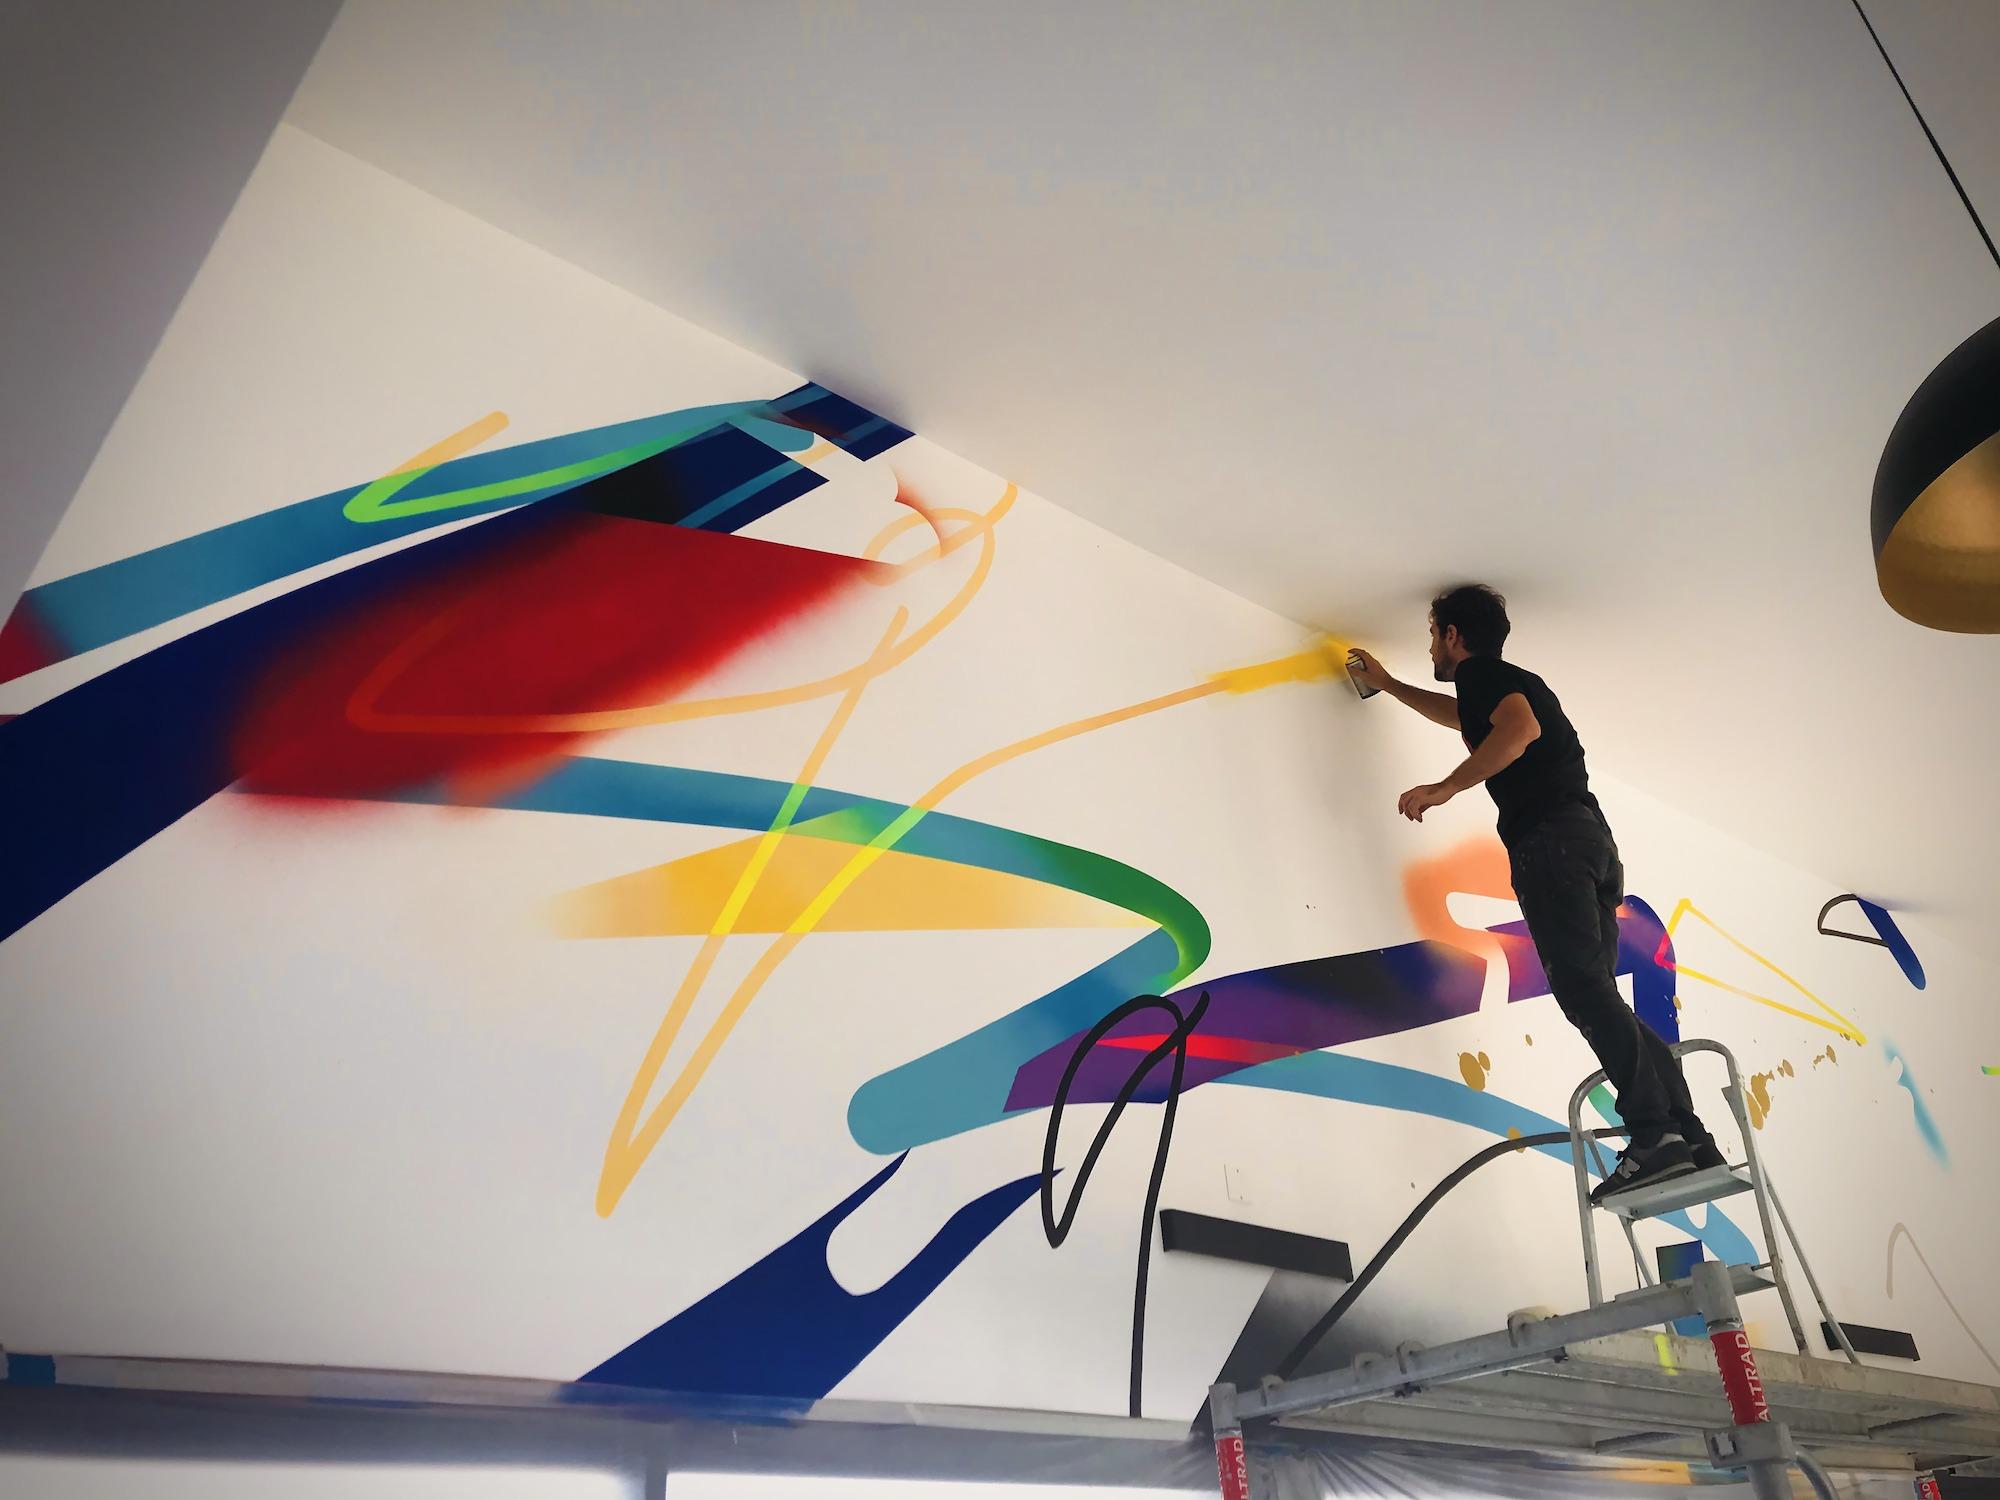 ALAUNE-artiste-graffeur-toulouse-decoration-abstrait-moderne-graphique-mural-julien-avignon